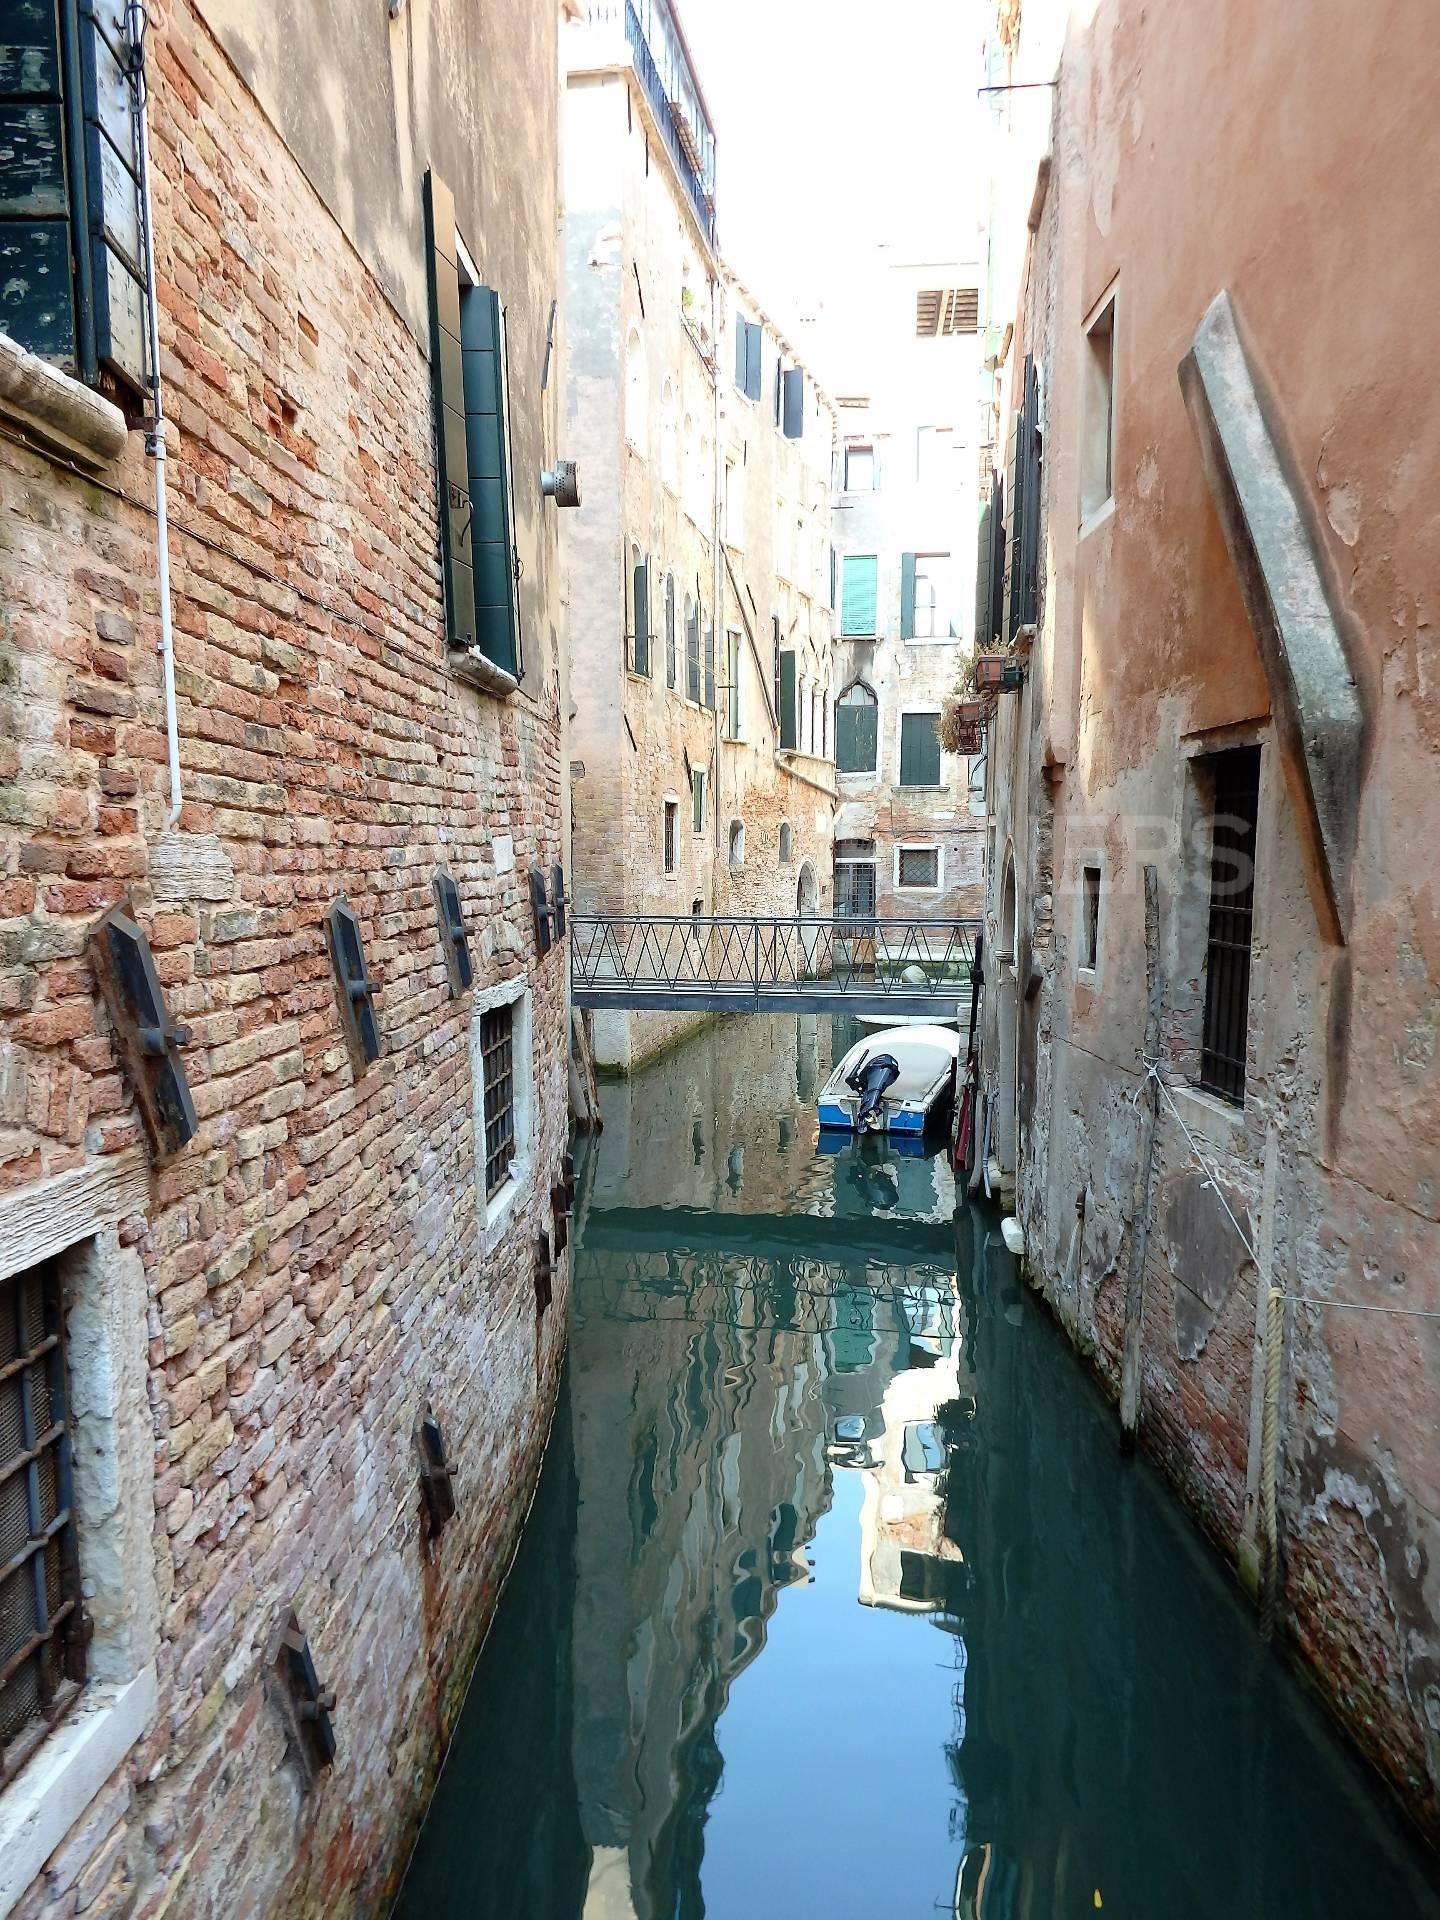 Appartamento in vendita a Venezia, 2 locali, zona Zona: 4 . Castello, prezzo € 295.000   Cambio Casa.it